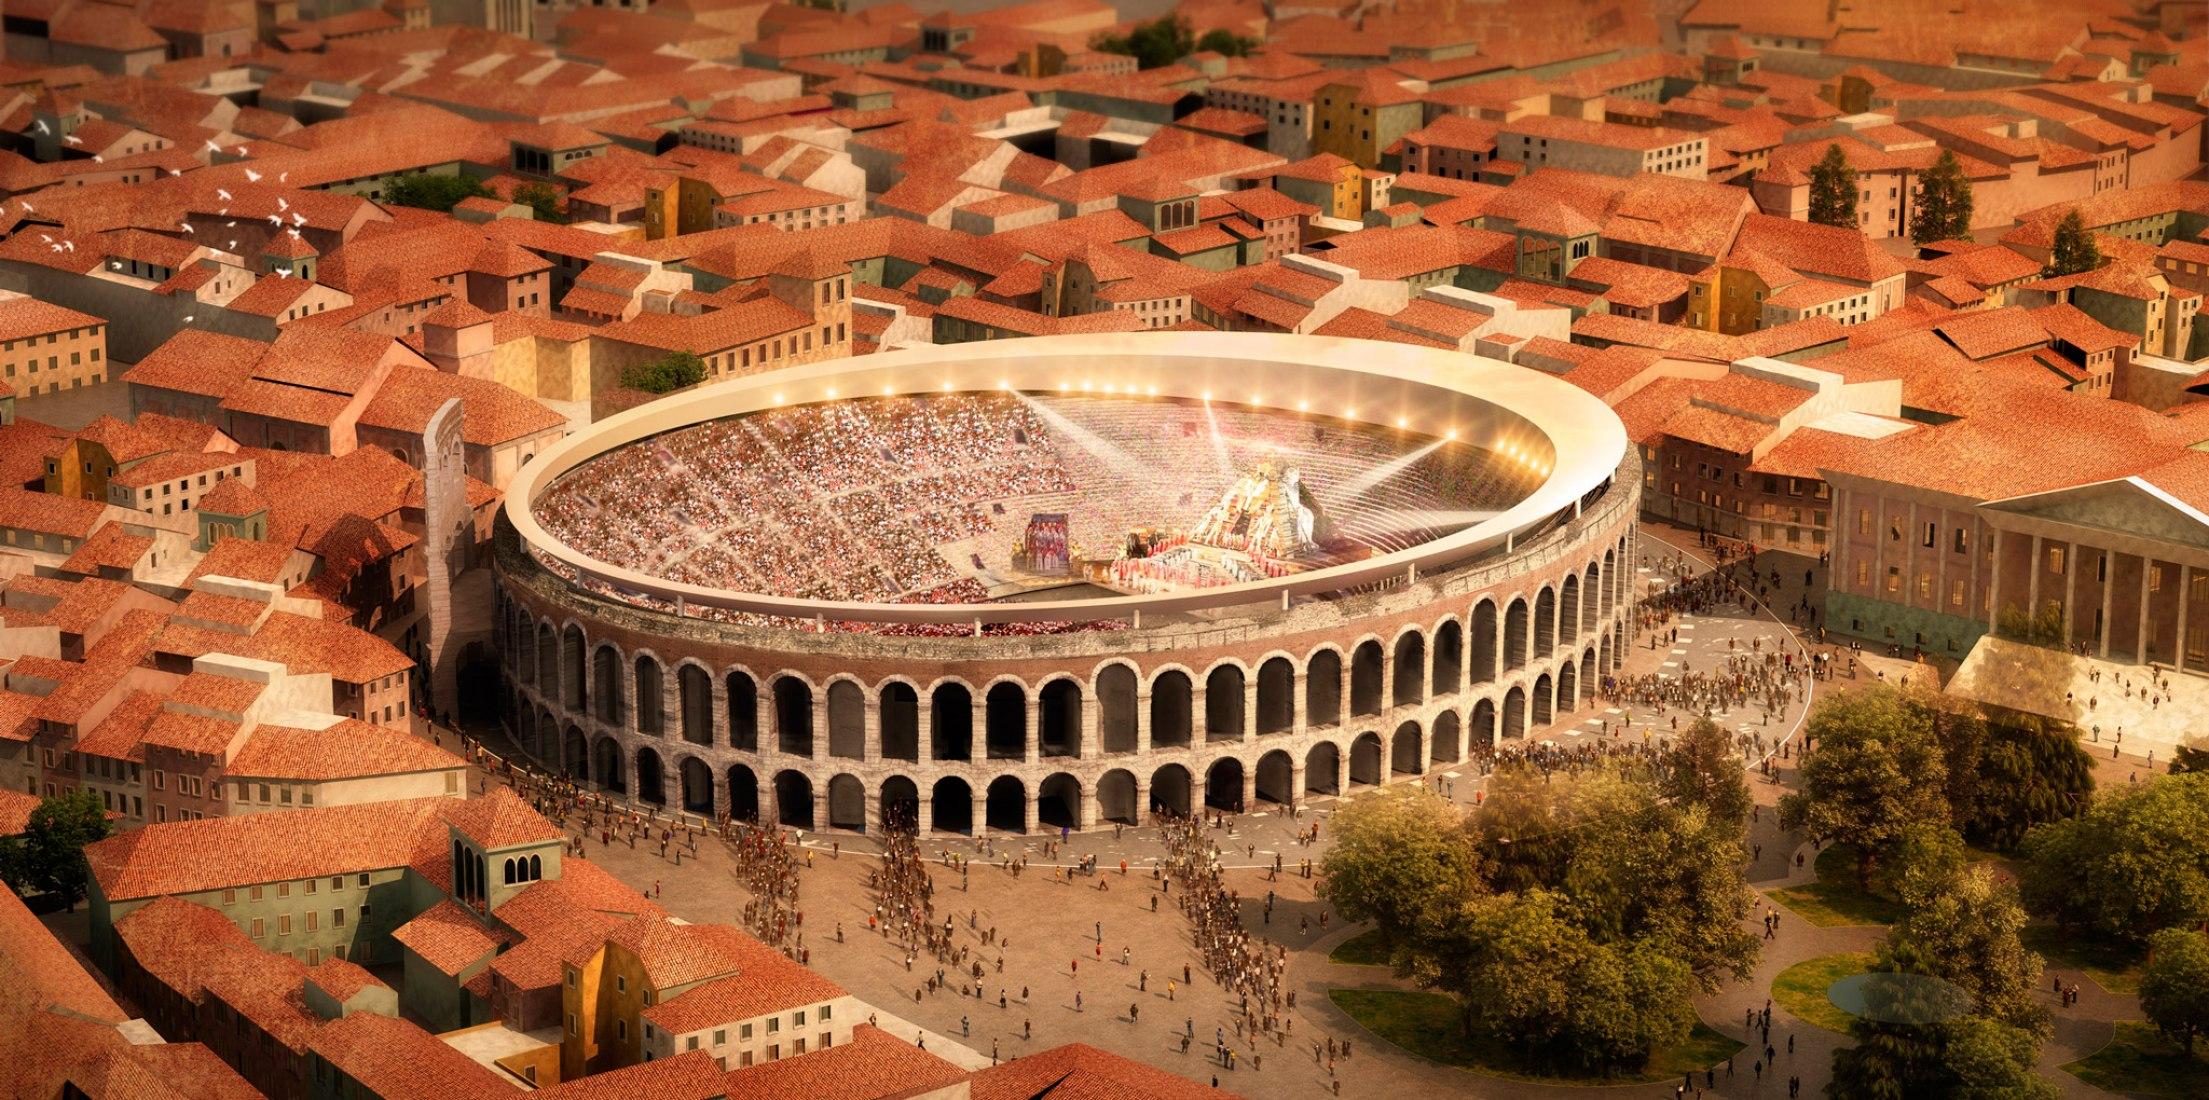 Visualización con la cubierta abierta. La nueva cubierta para el anfiteatro de Verona será diseñada por Gmp Architekten y sbp